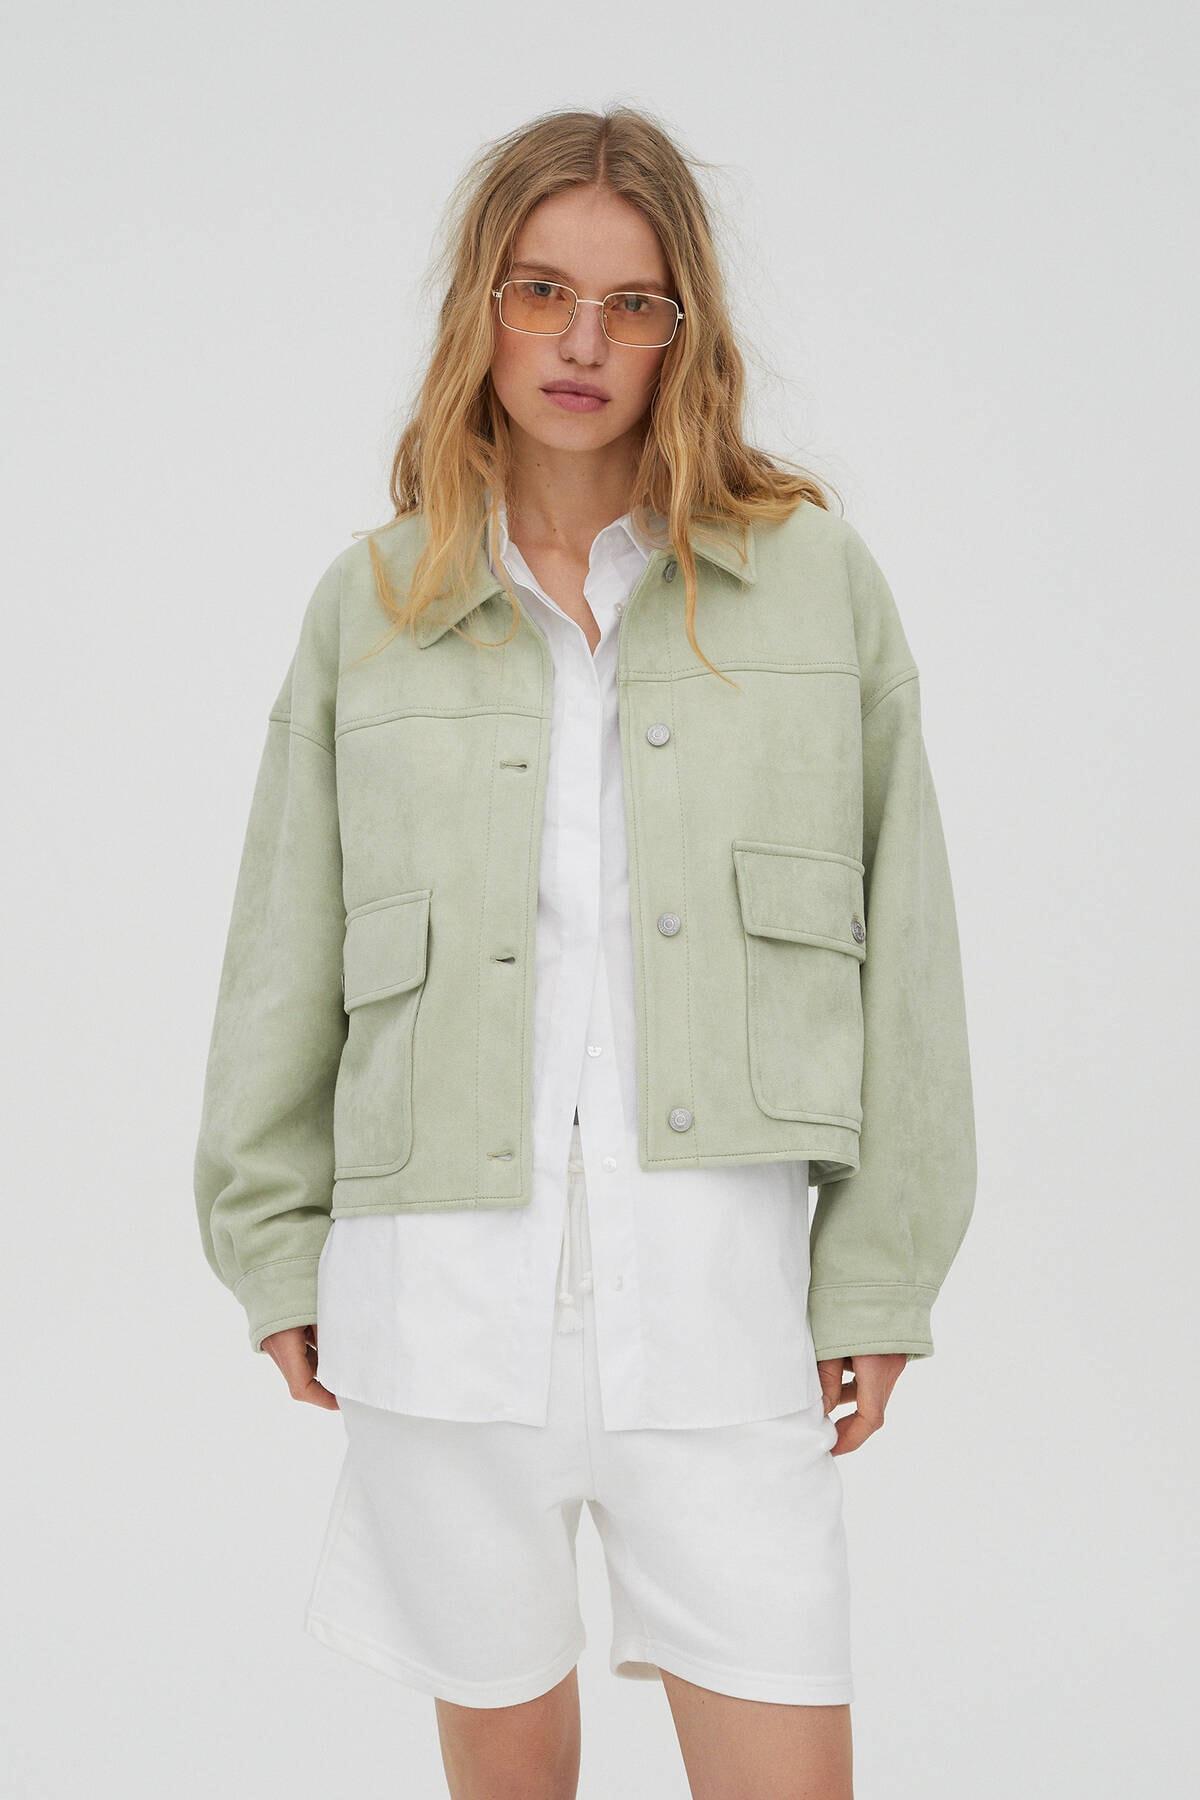 Pull & Bear Kadın  Açık Yeşil Crop Fit Suni Süet Ceket 04711315 0